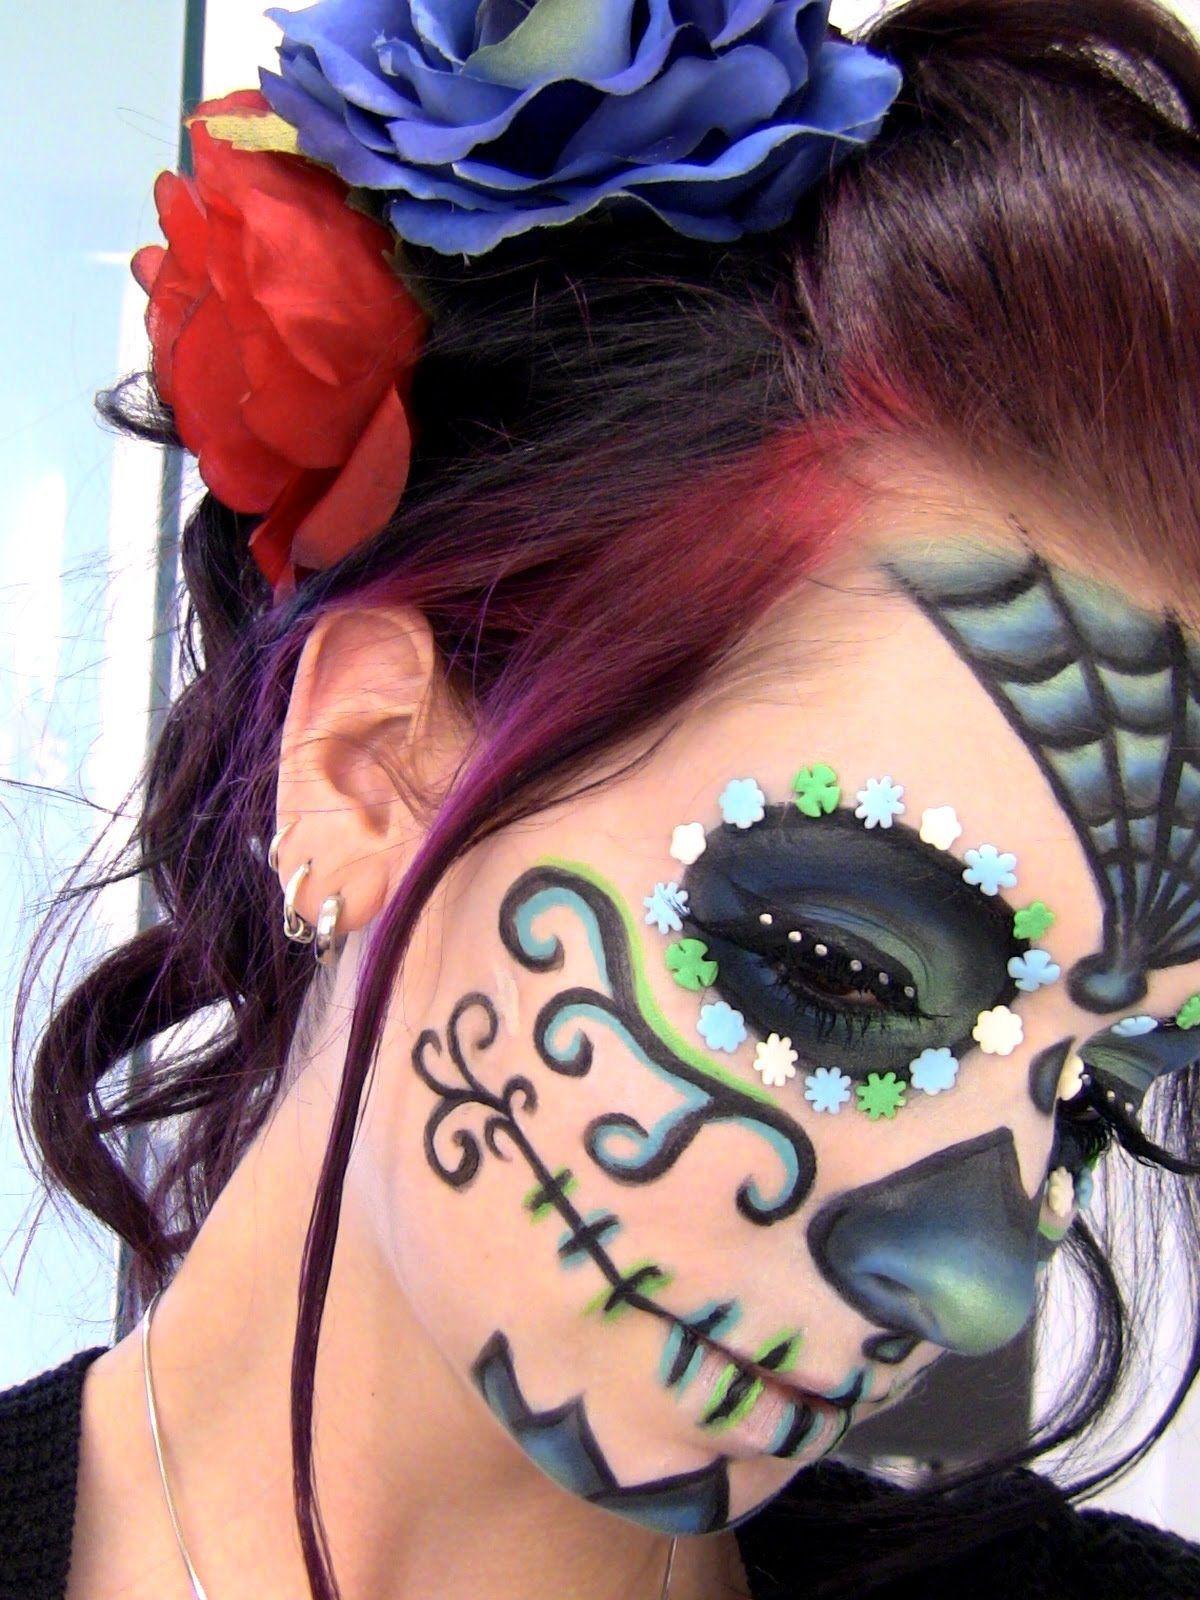 Crane espagnol maquillage - Maquillage halloween tete de mort mexicaine ...